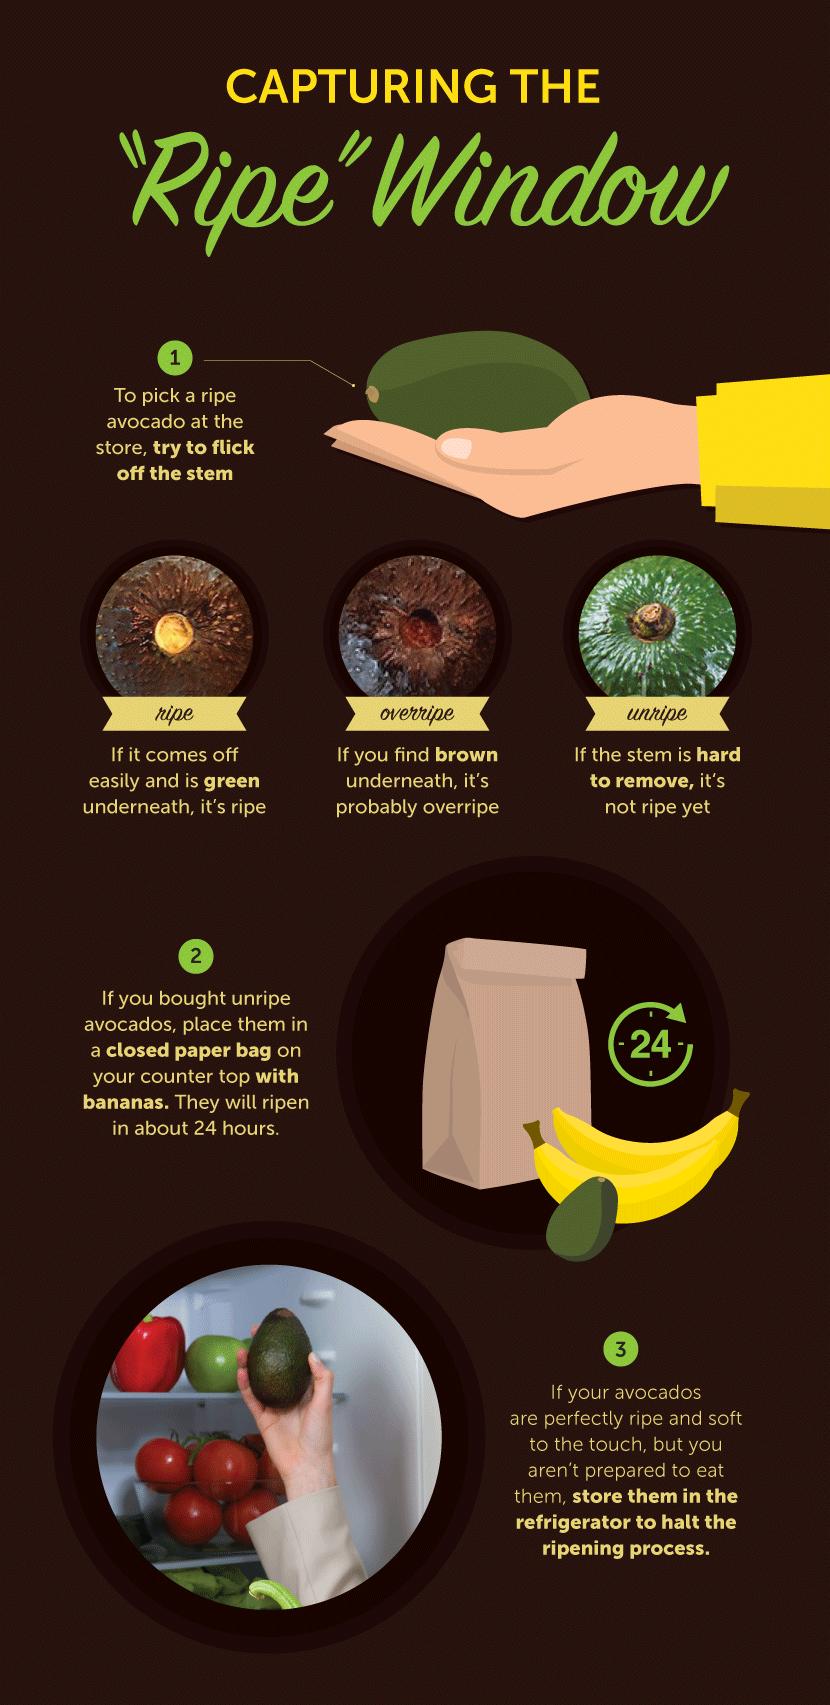 10 Ways to Make Gourmet Avocado Toast - Capturing the Ripe Window